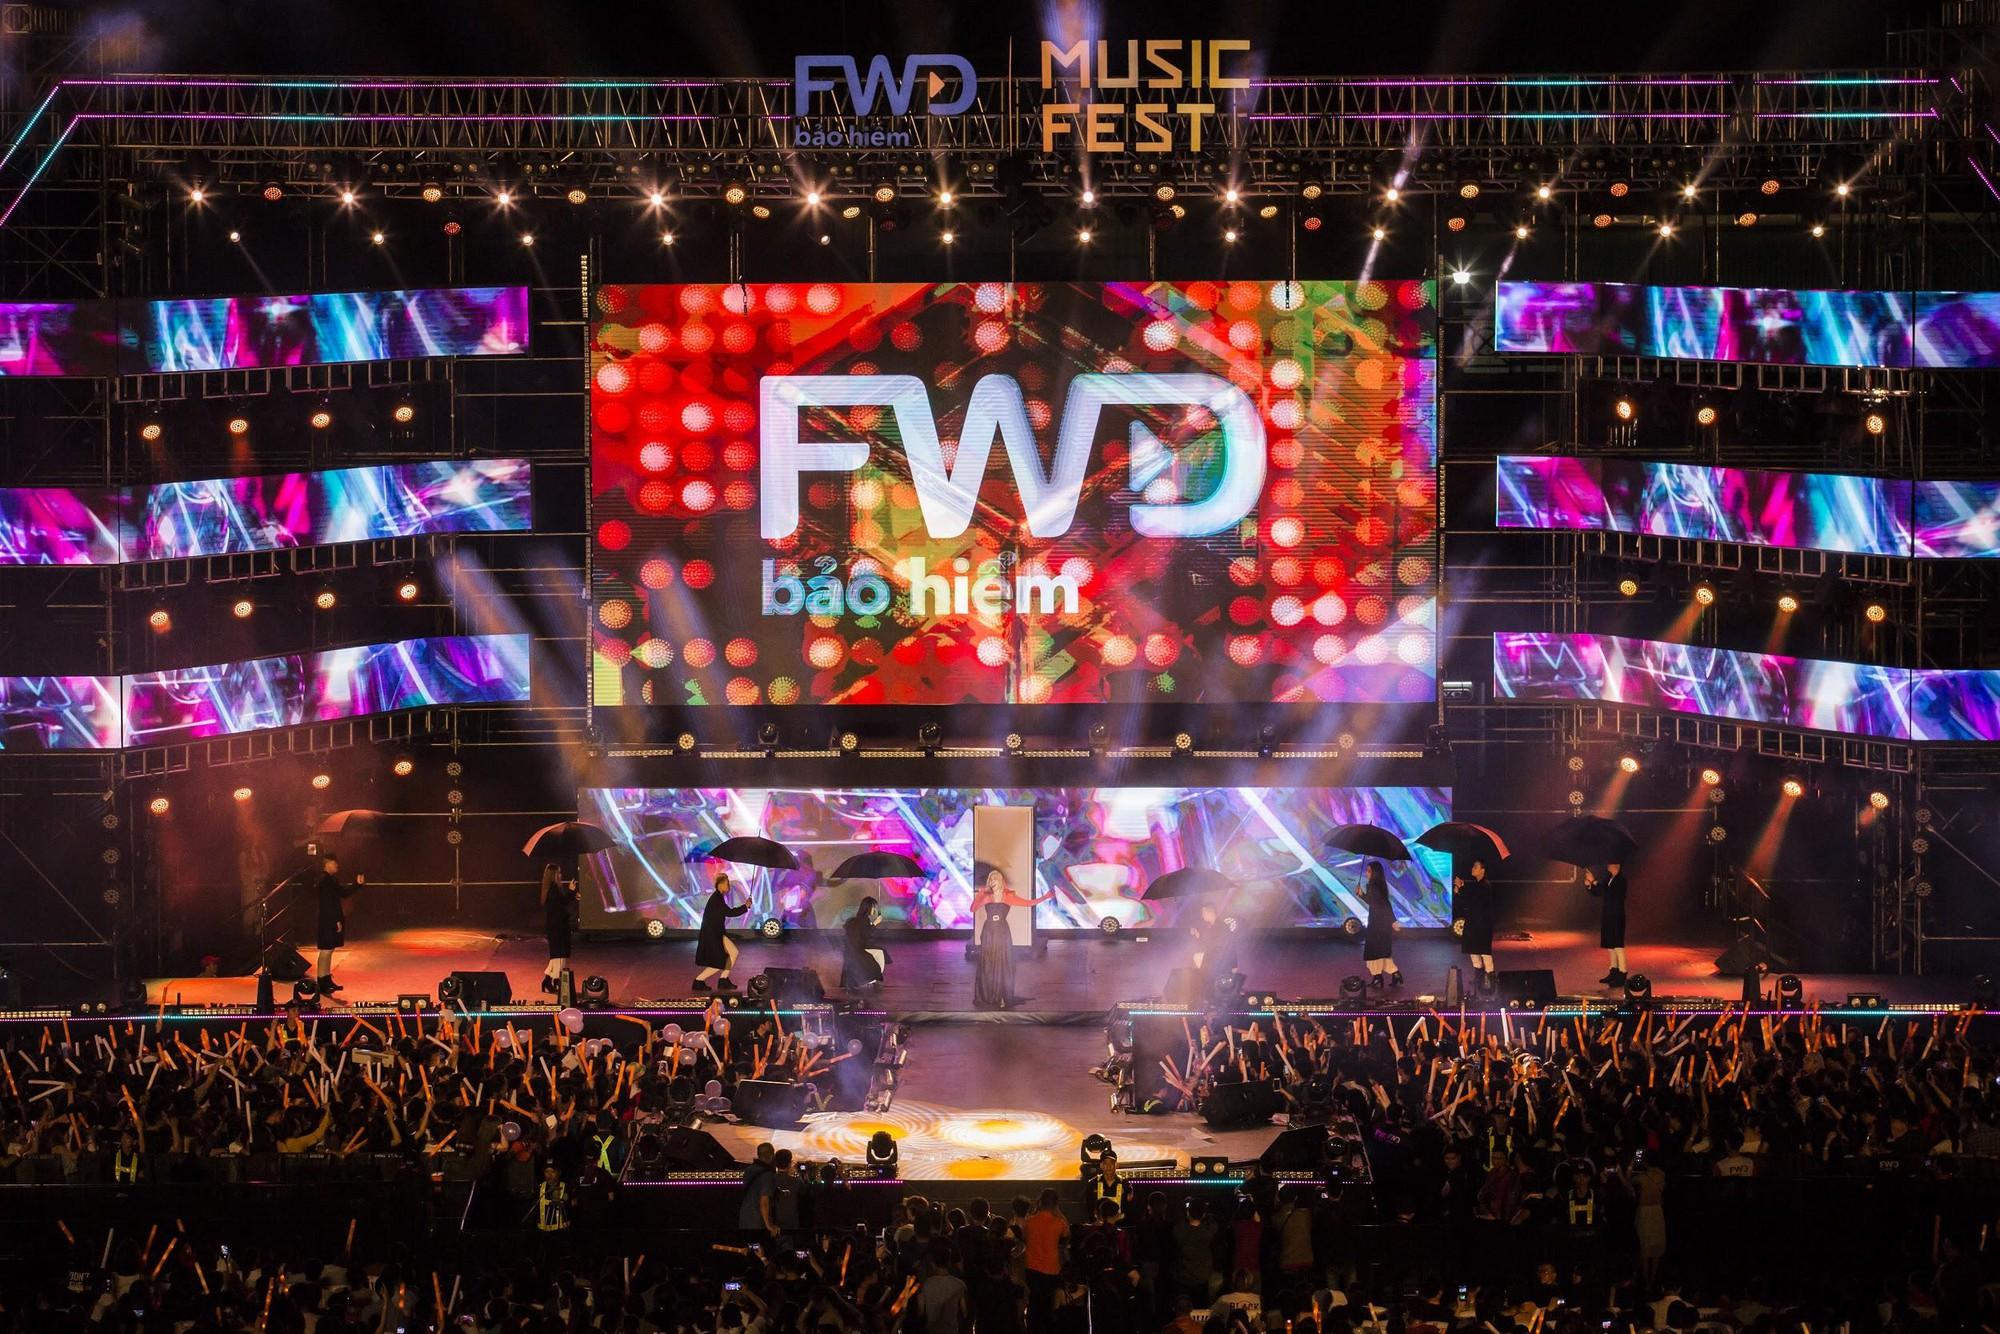 Sơn Tùng trở lại, Đen Vâu lần đầu góp mặt: Liệu hit nào sẽ làm nổ tung sân khấu đại nhạc hội tháng 10 này! - Ảnh 5.